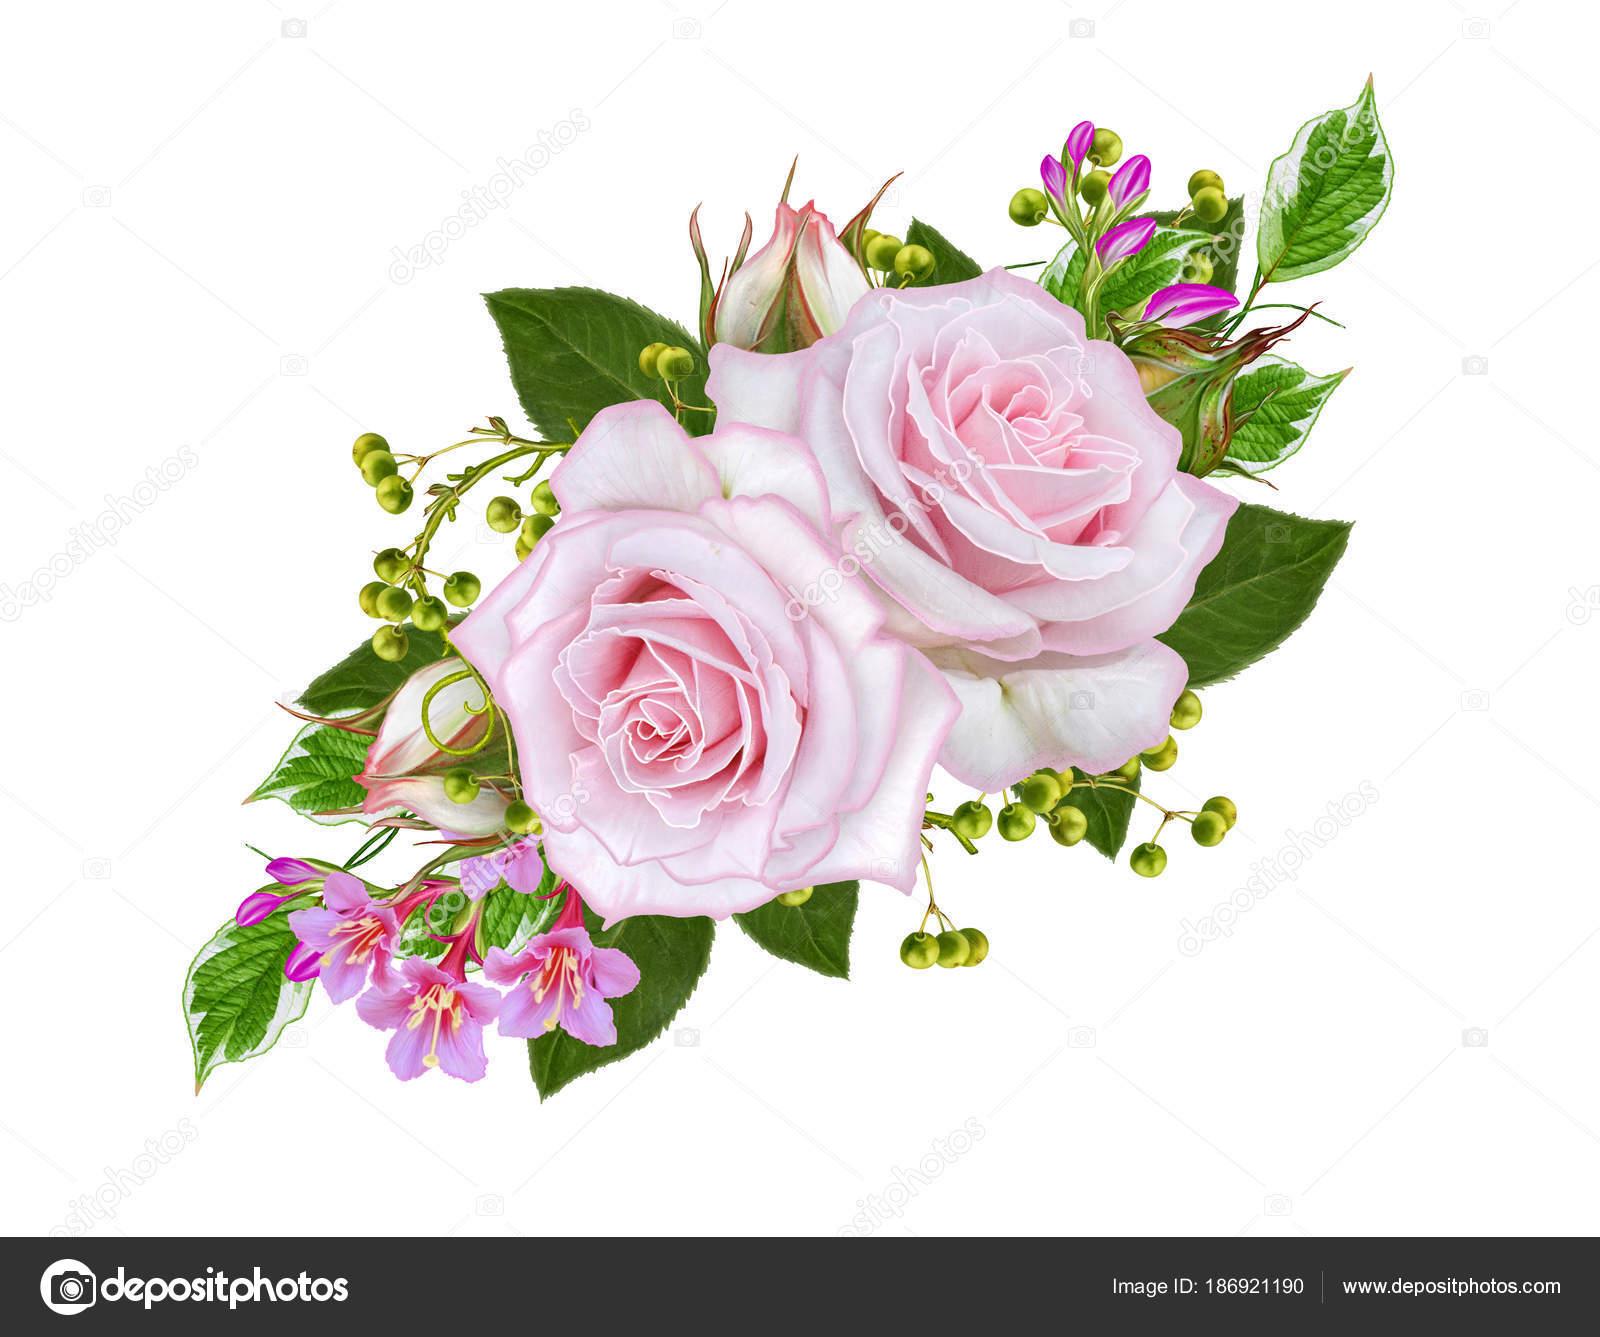 Открытка с благодарностью цветы и ягоды в букете 9